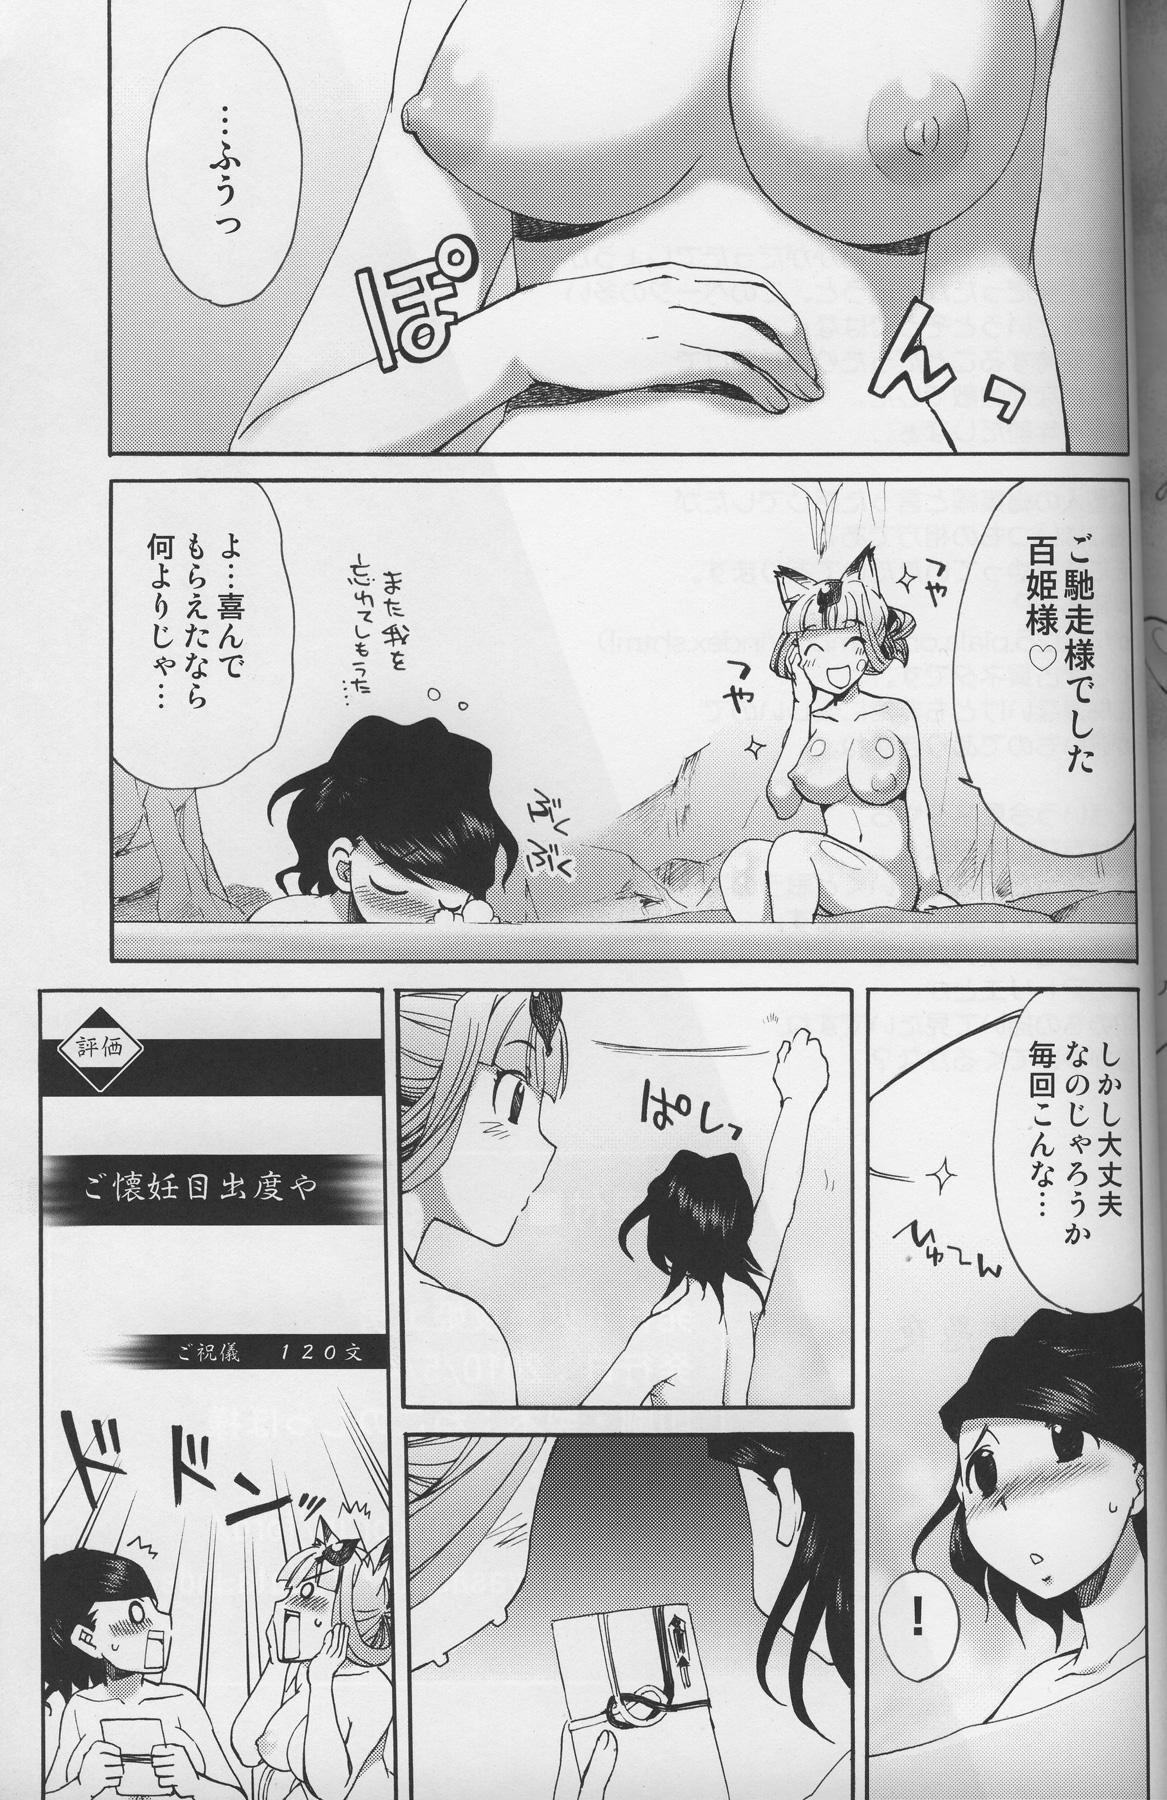 Komakasugite Tsutawaranai Ero Doujin Senshuken Haru no Nijikan SPECIAL 41